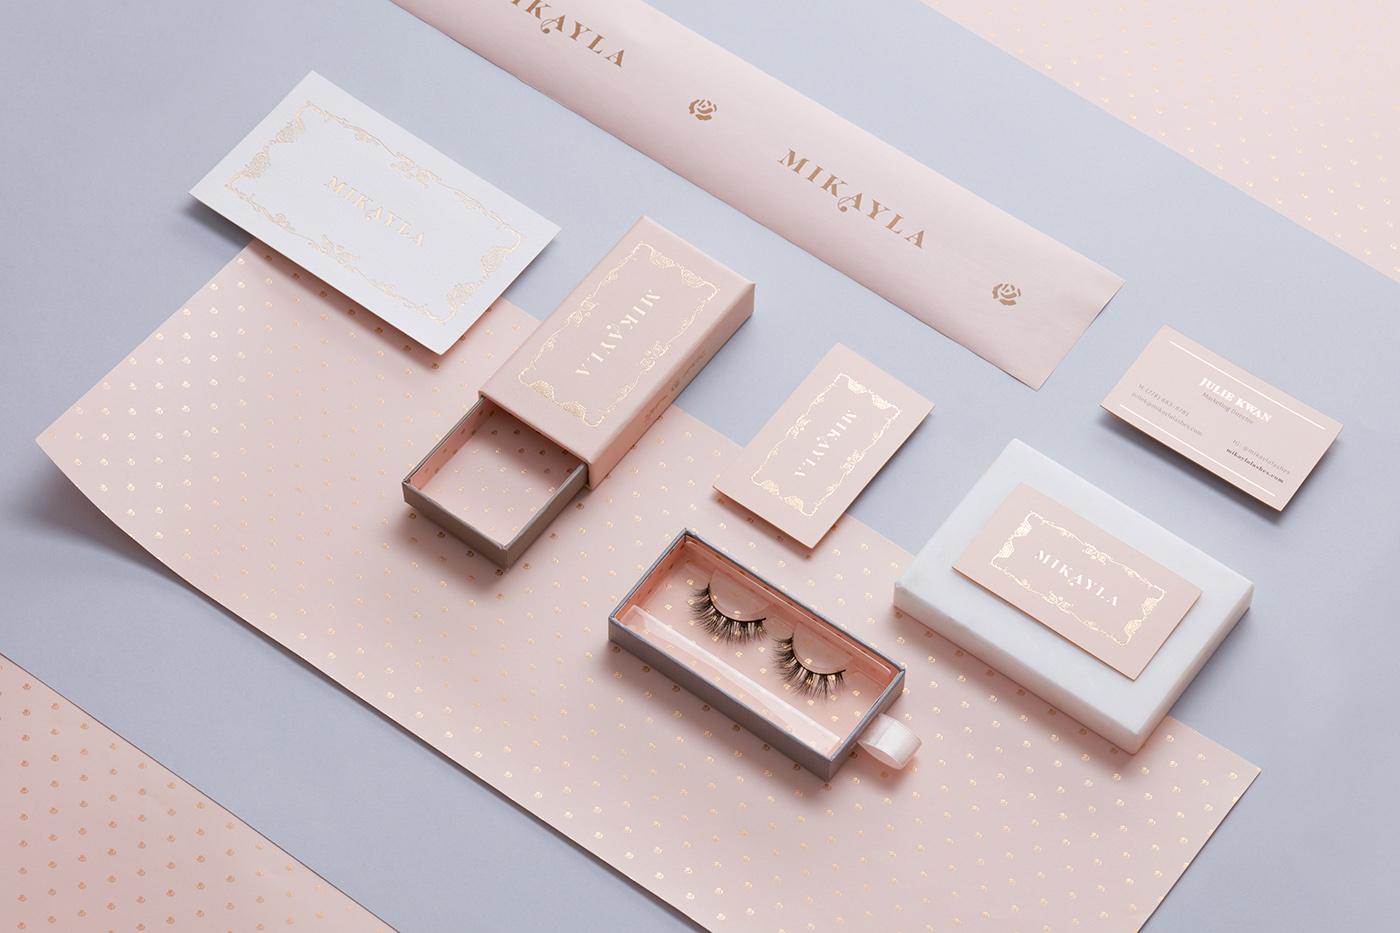 高質感的26張包裝設計欣賞